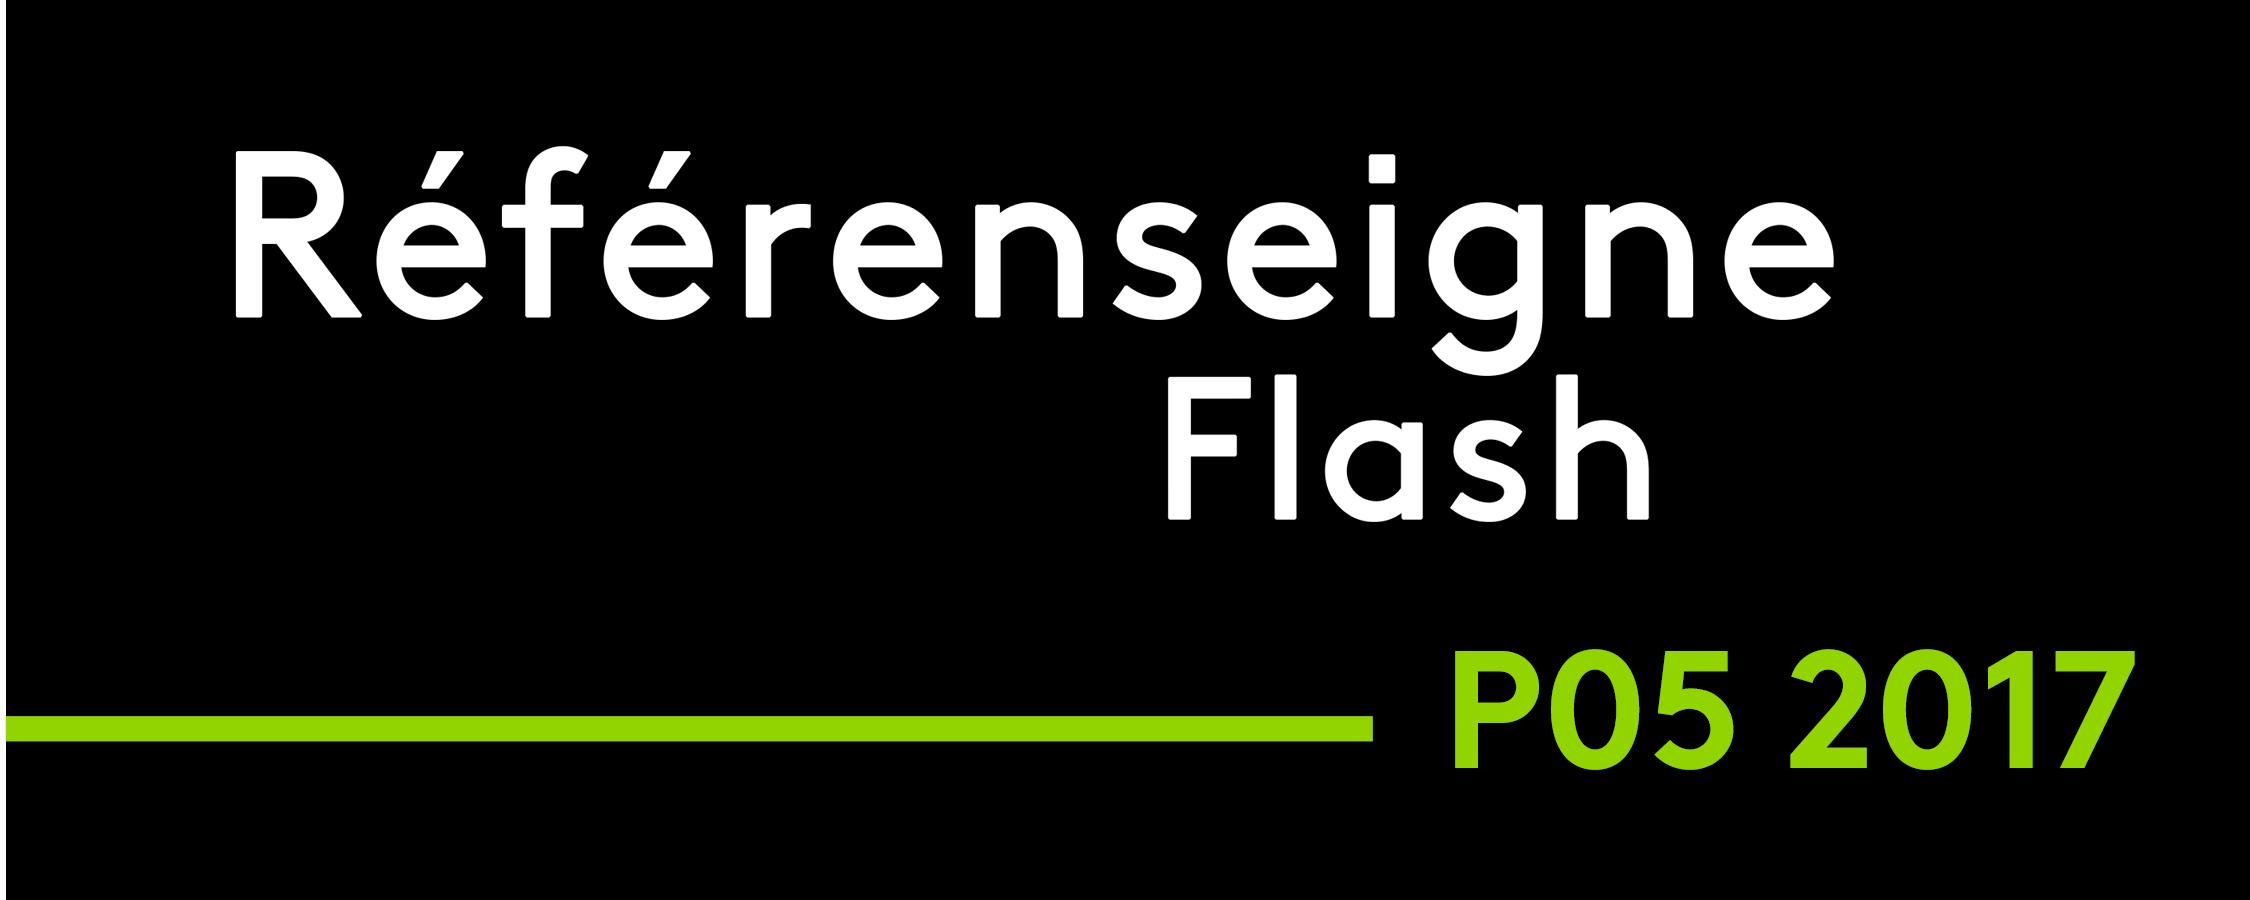 Tendances Consommation et Enseignes P05 2017